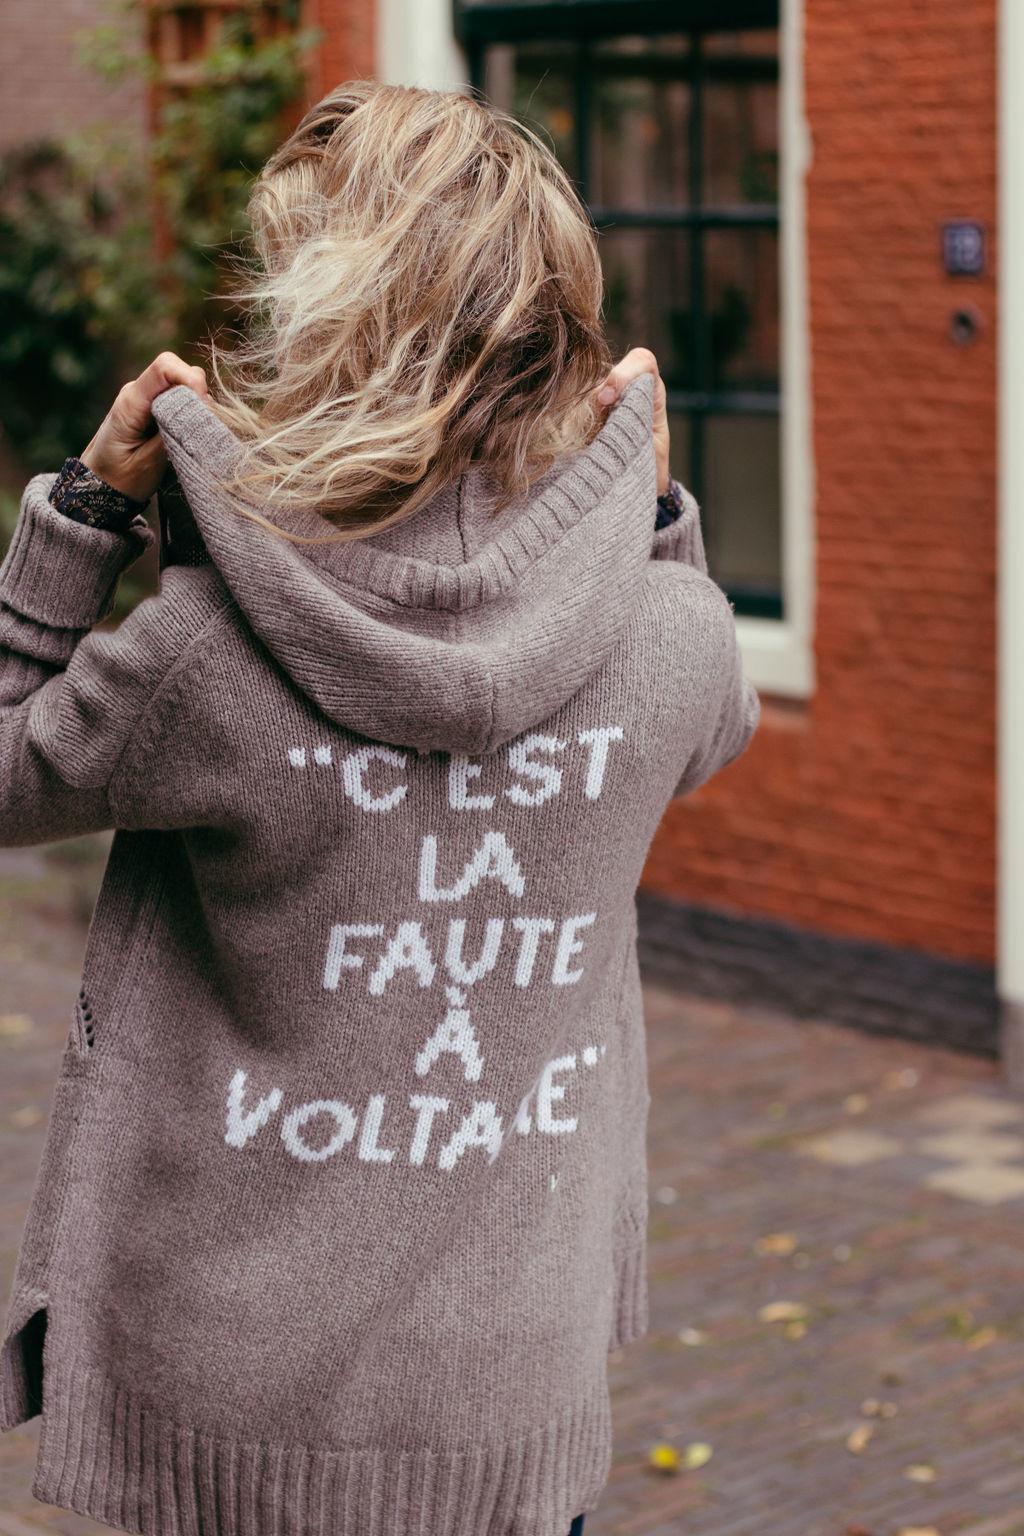 Salma MW La Faute a Voltaire-2